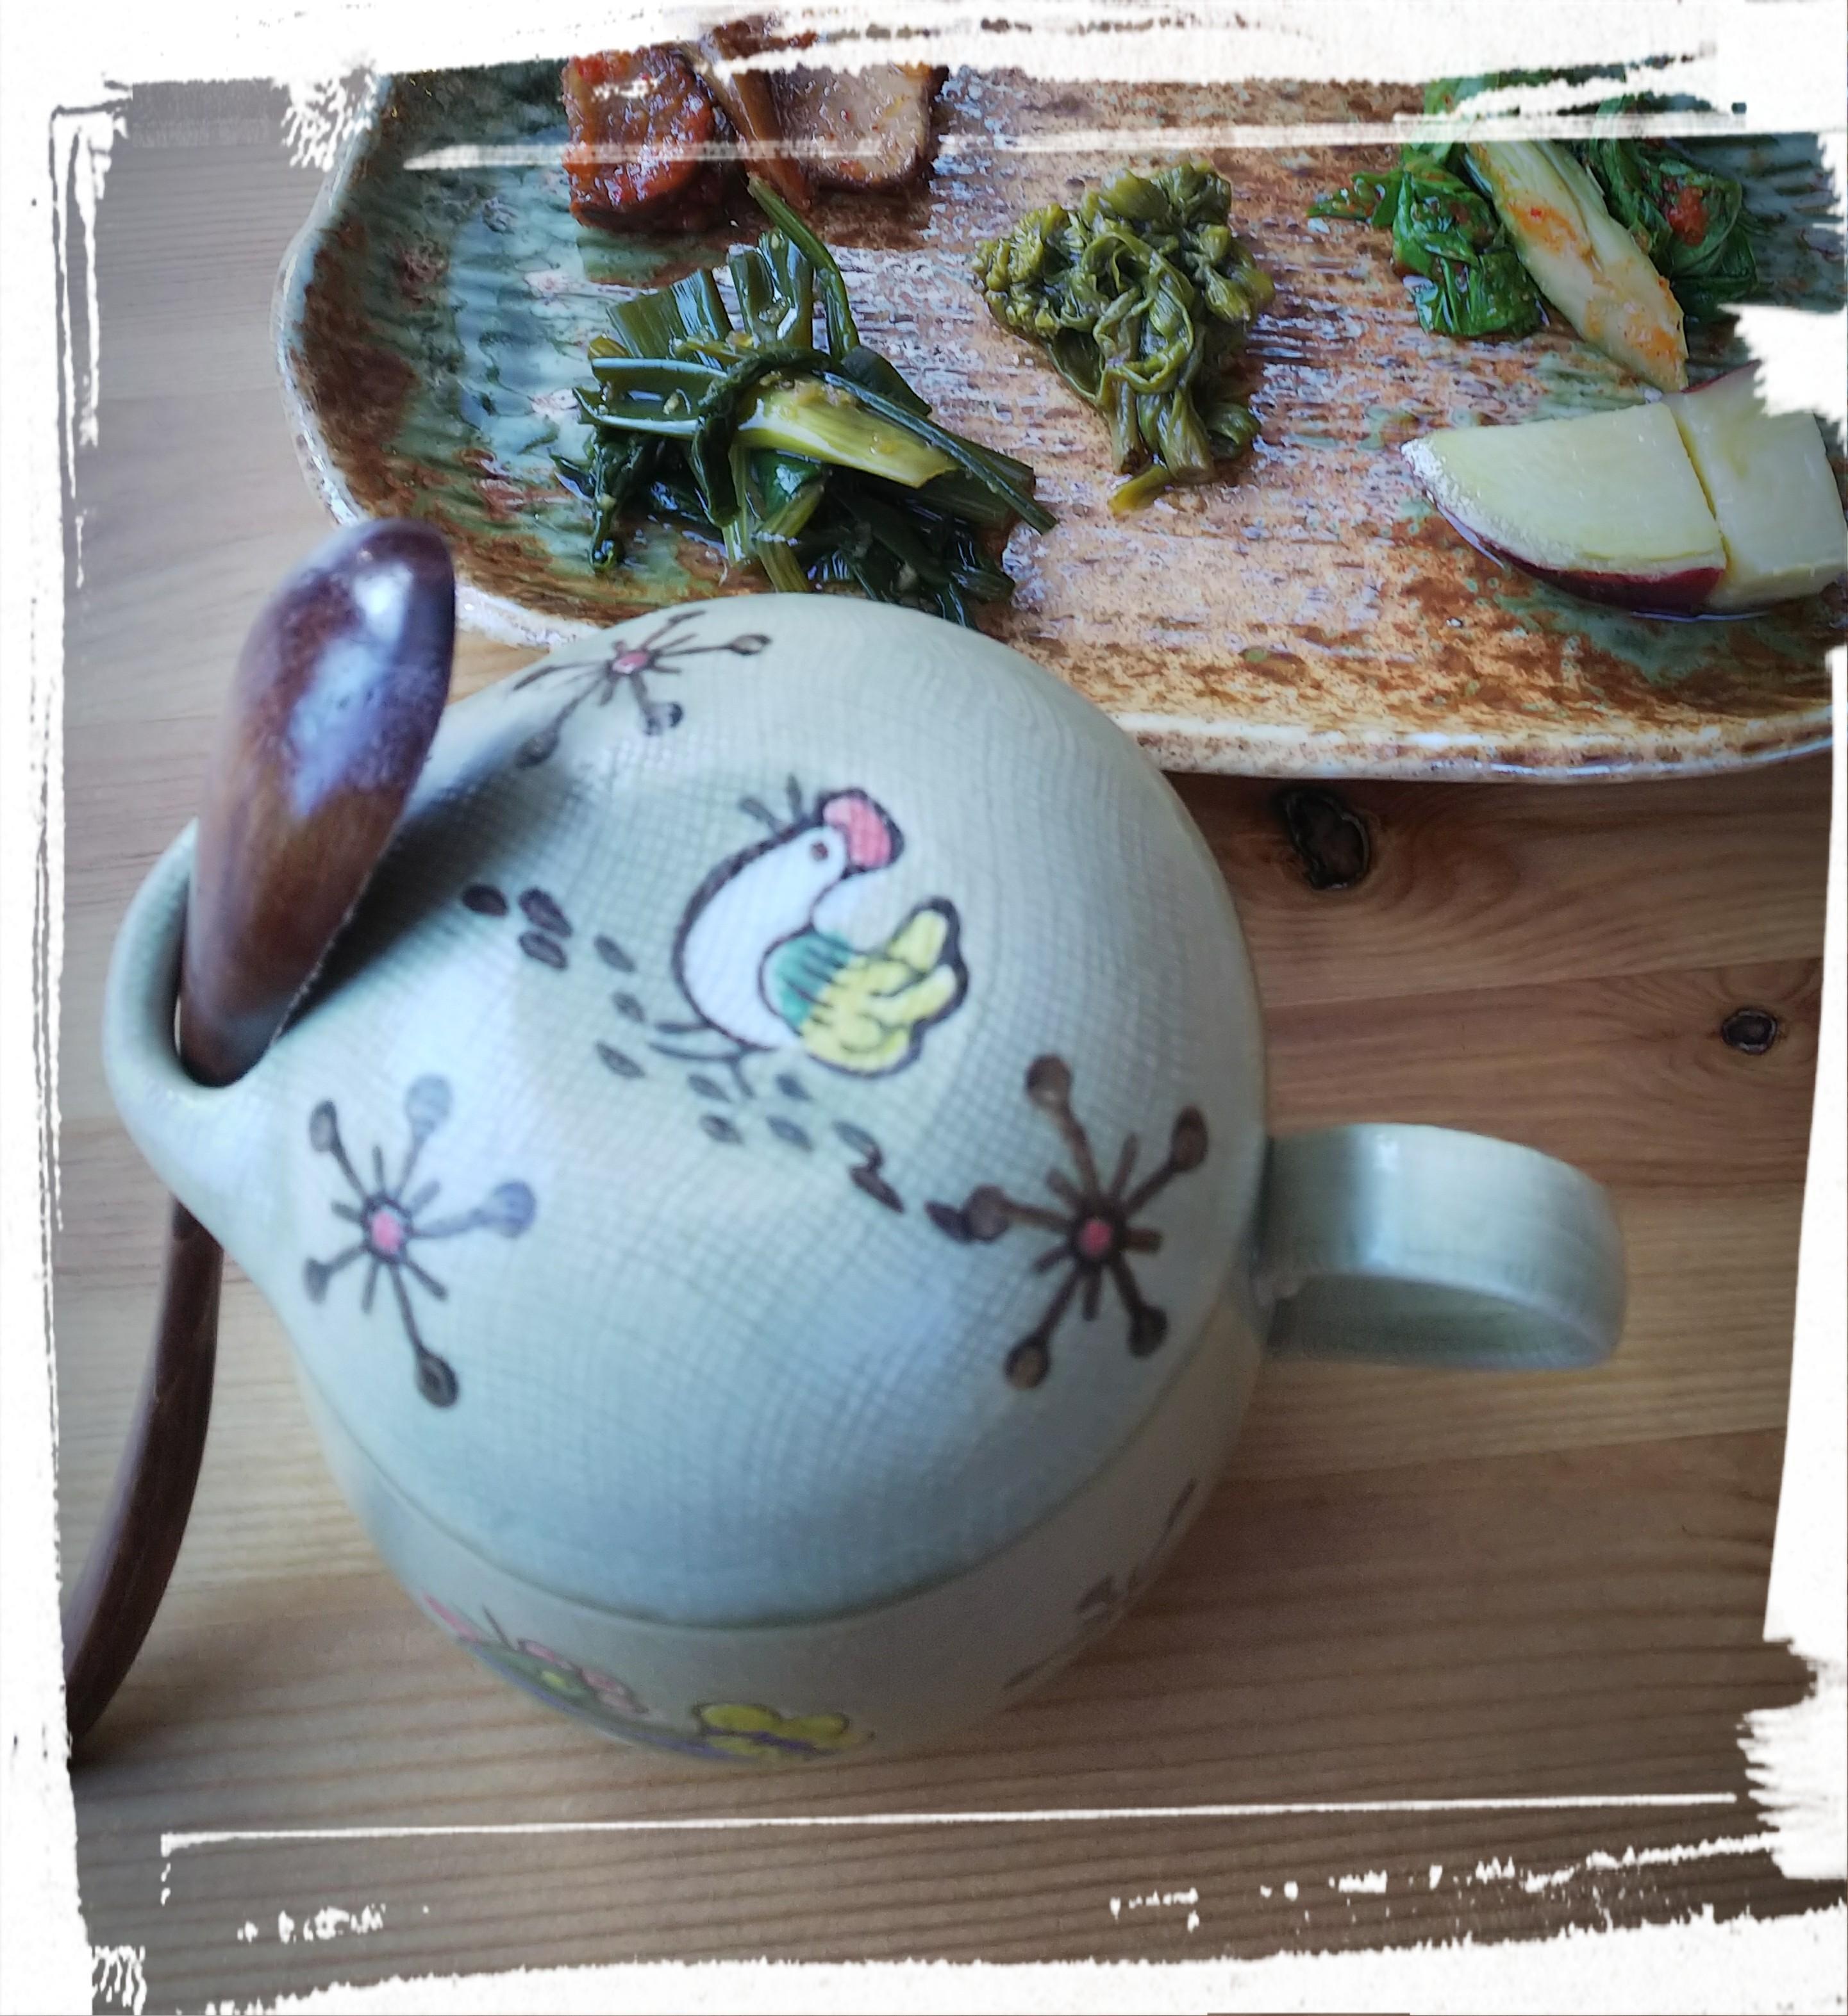 「みて、楽しんで、おいしい( *´艸`)」01/11(01/11) 00:41 | あいの写メ・風俗動画